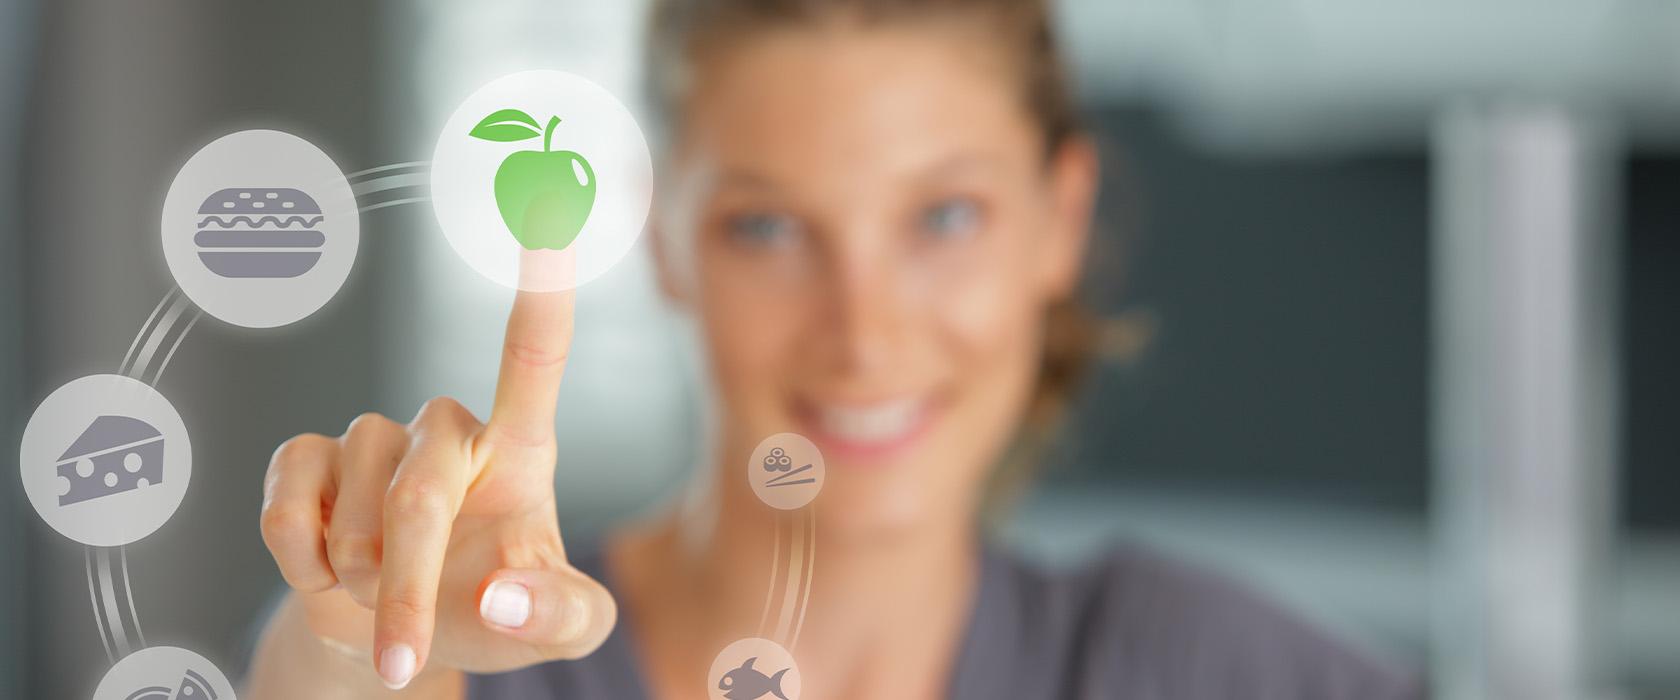 Основы здорового питания базовые принципы и простые правила